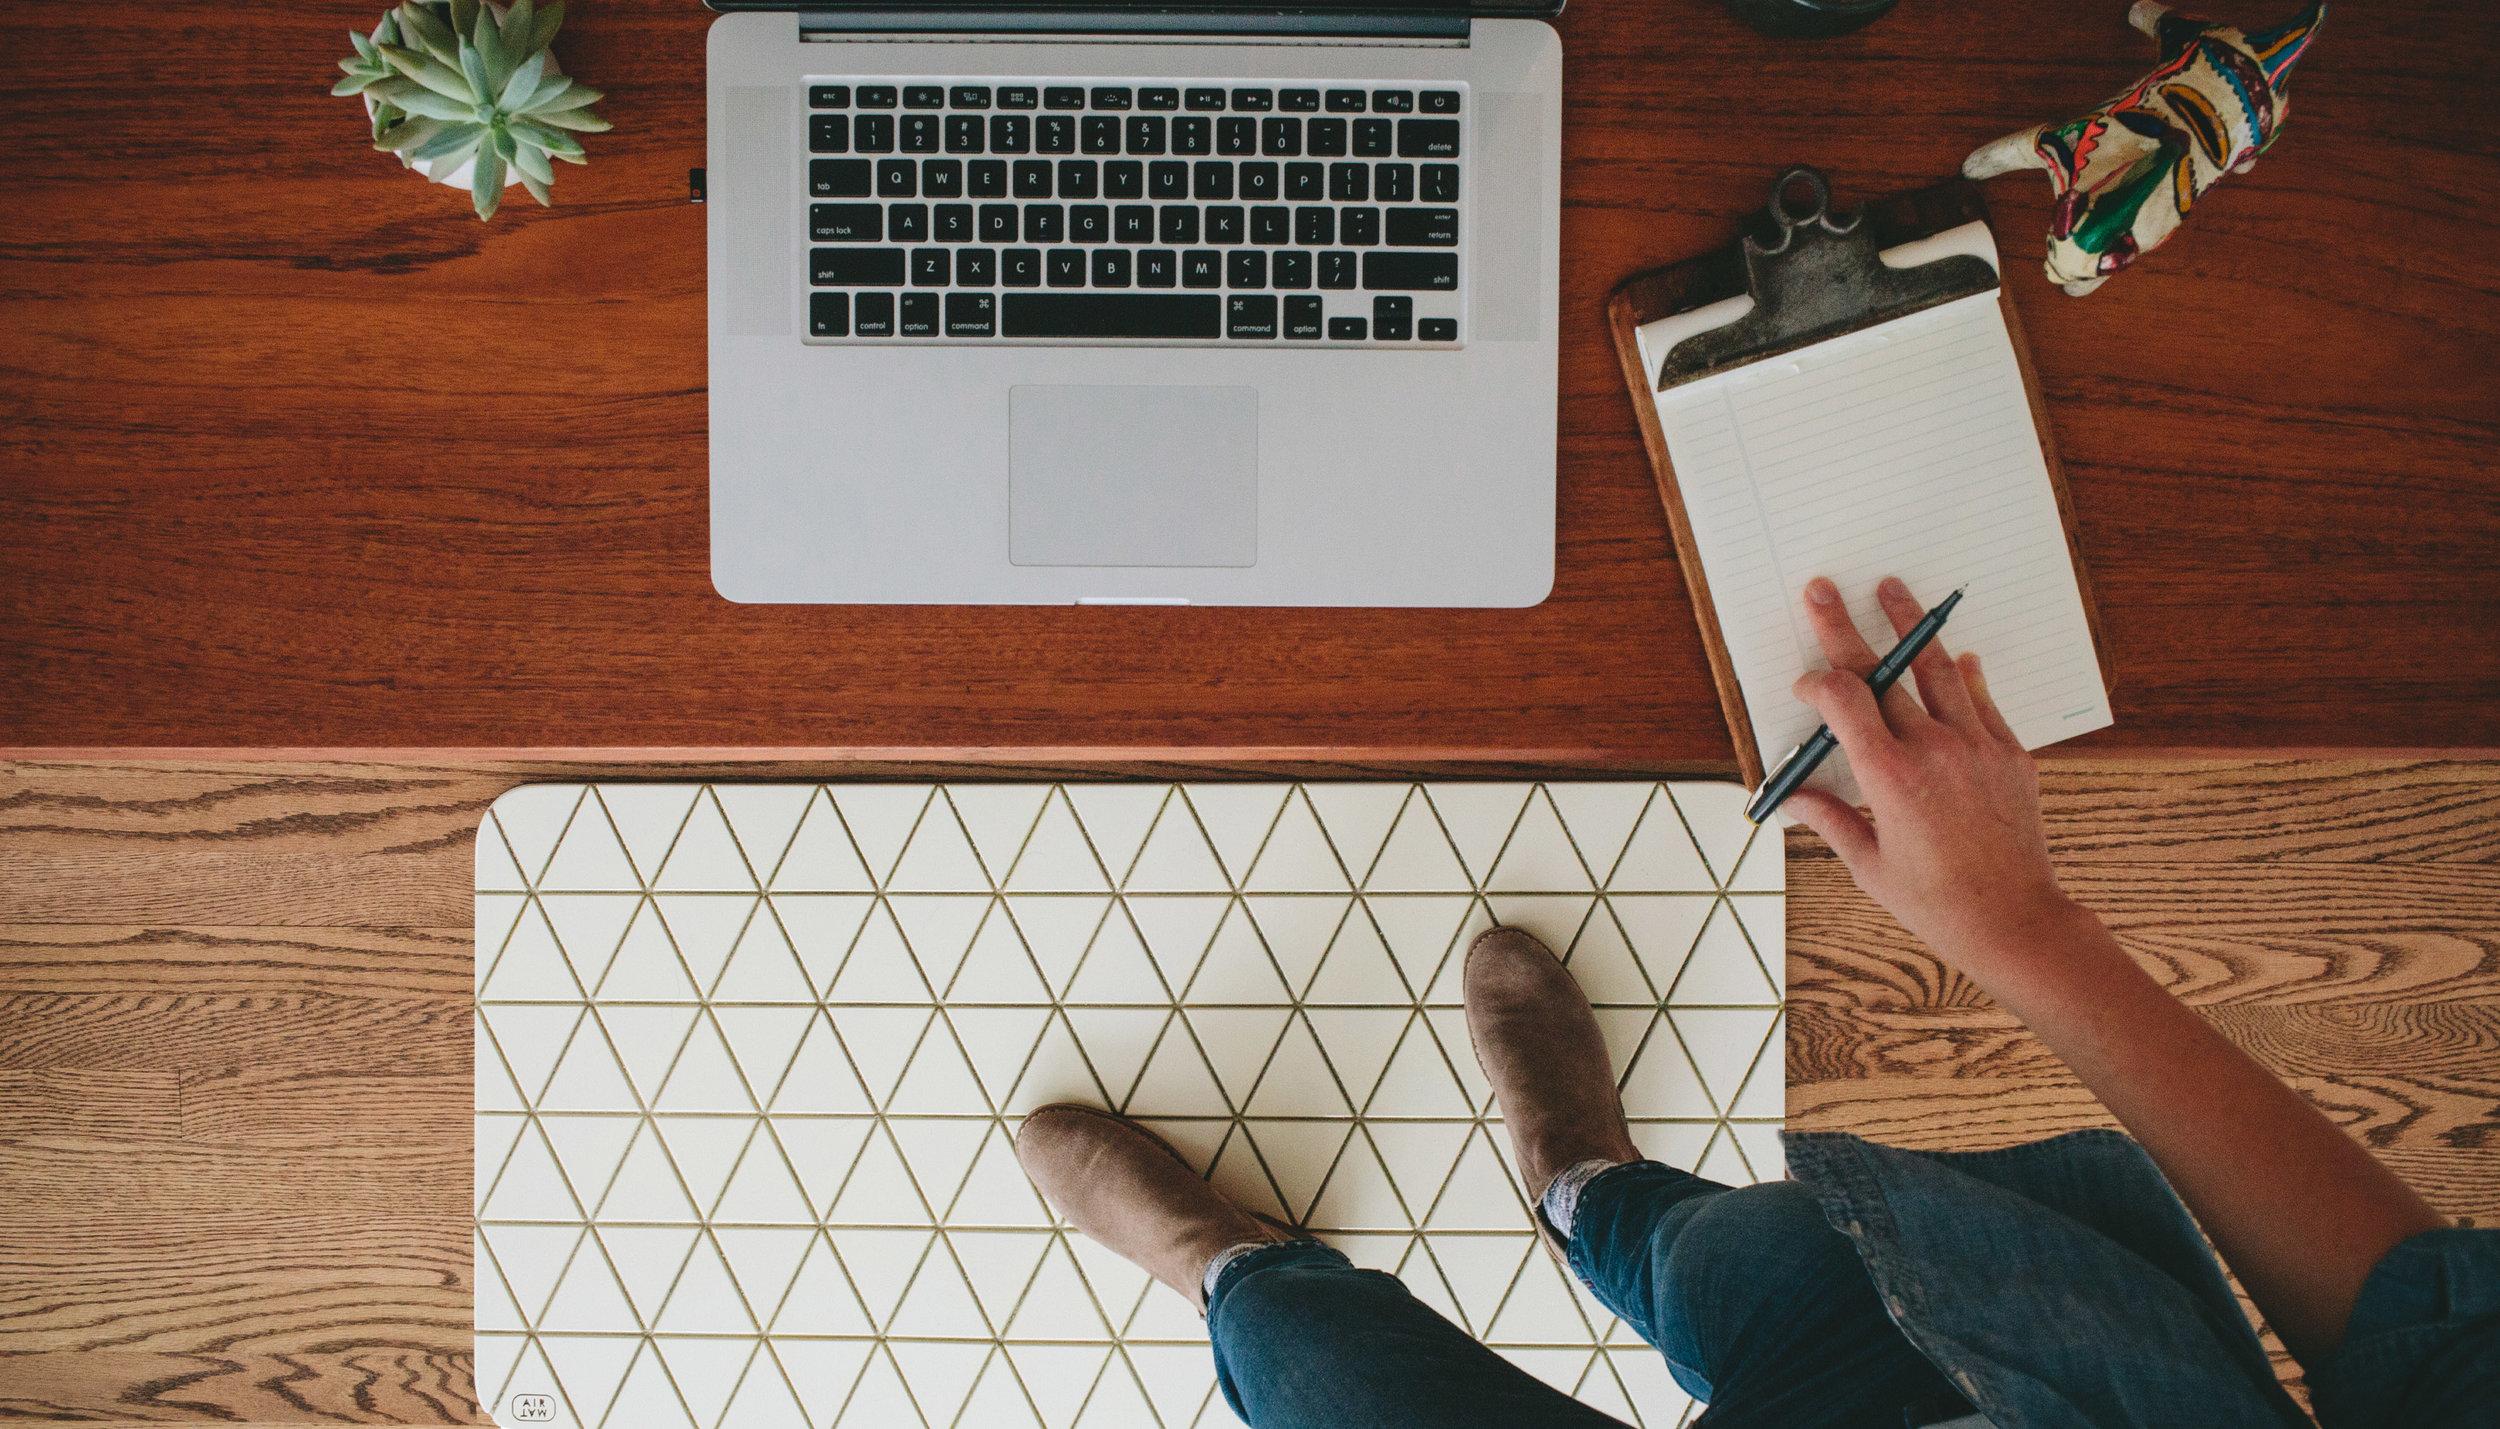 Airea Floor mat  White Standing Desk.jpg